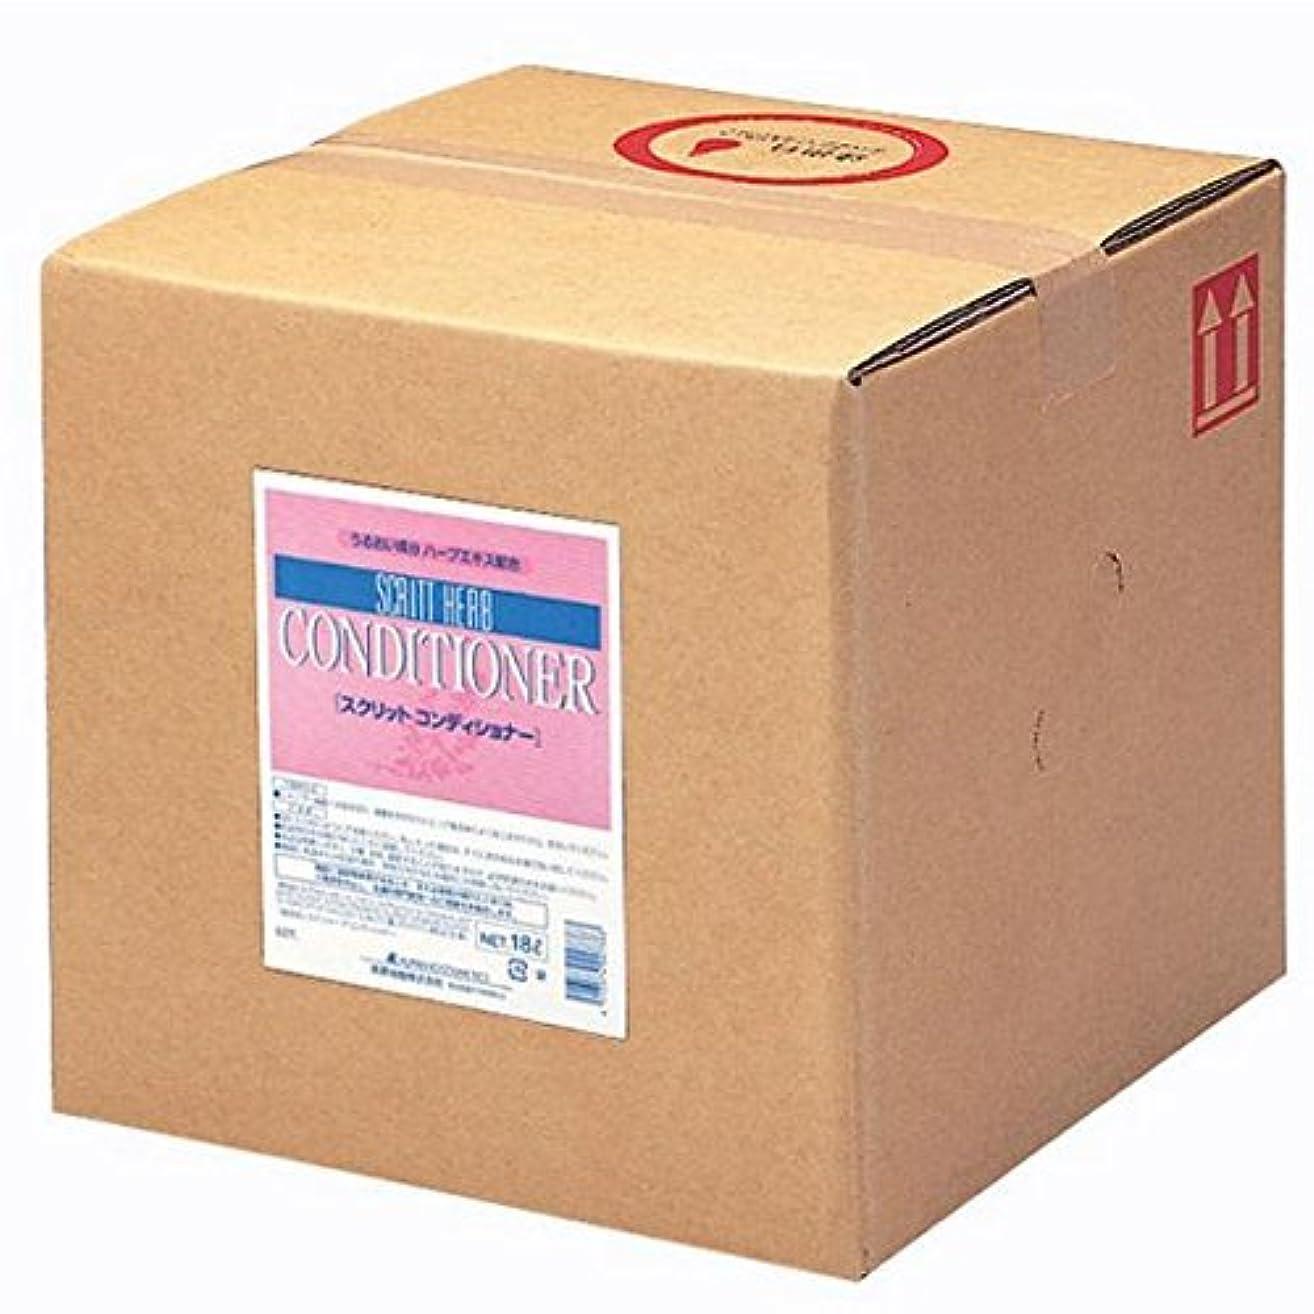 すべてわずかに増加する熊野油脂 スクリット コンディショナー 詰替用 18L 4231